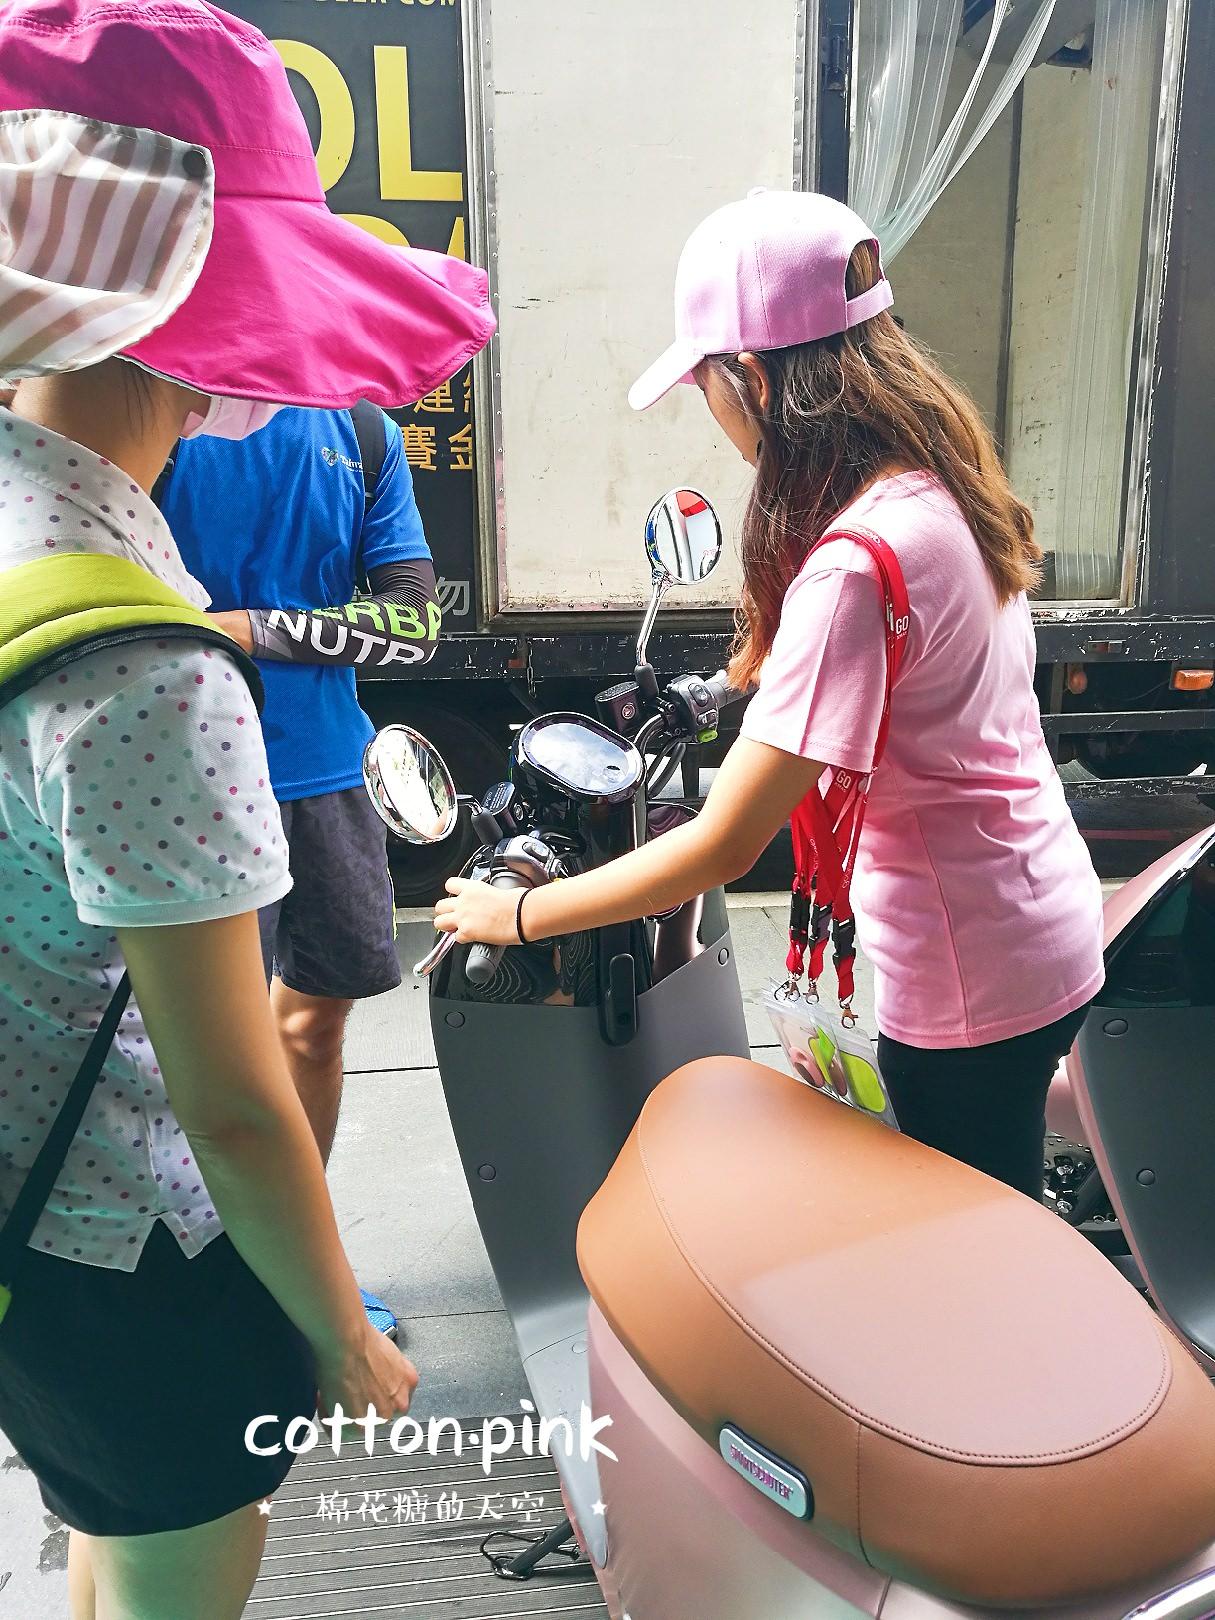 20180822162937 39 - 勤美最新打卡景點│粉紅色毛毛怪獸只到9月2日,gogoro粉紅突襲巡迴試騎